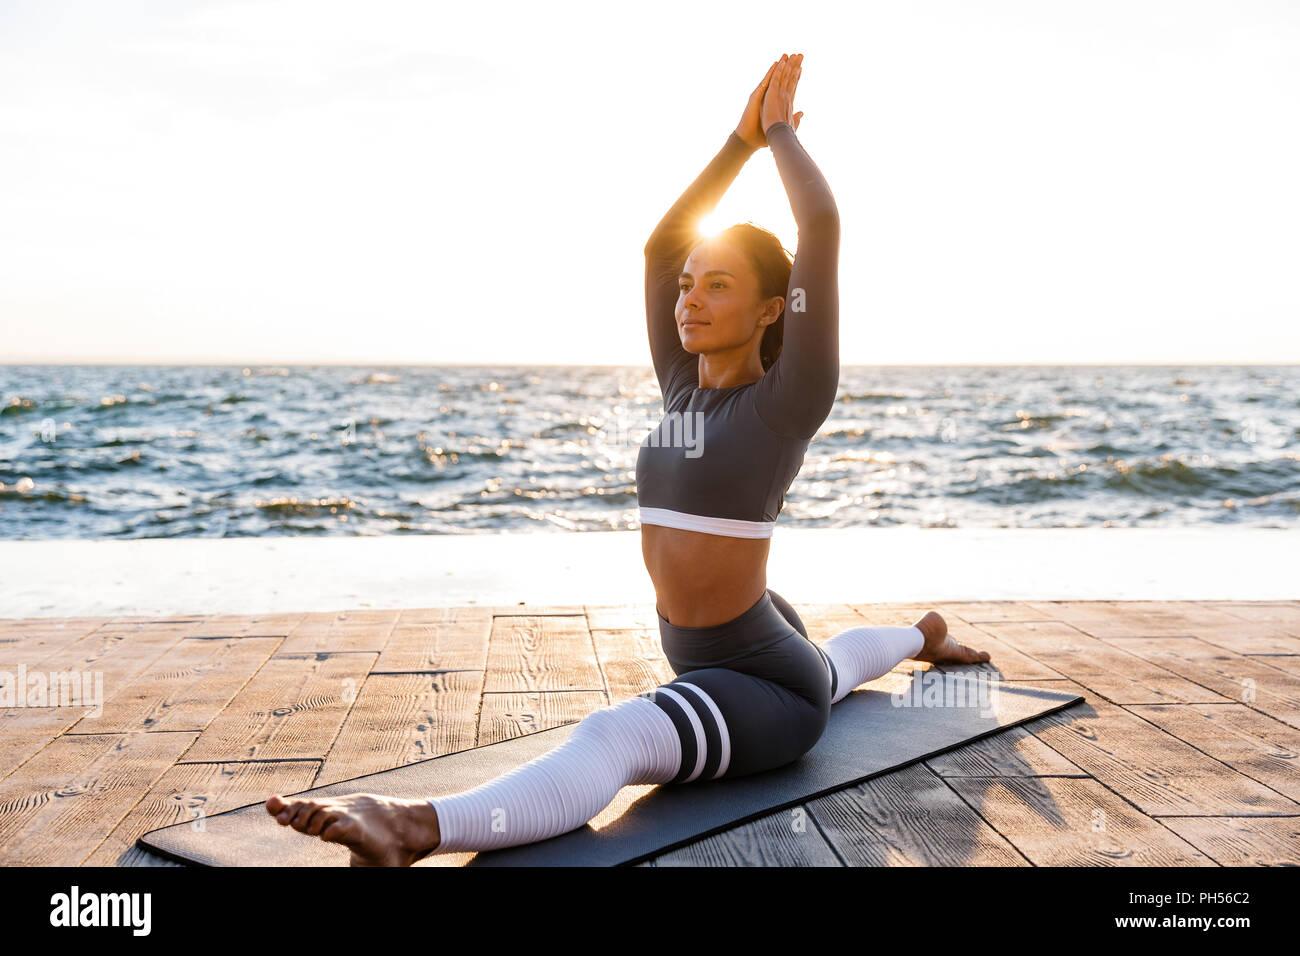 Immagine di concentrato di giovane donna fitness all'aperto in spiaggia fare yoga esercizi di stretching. Immagini Stock